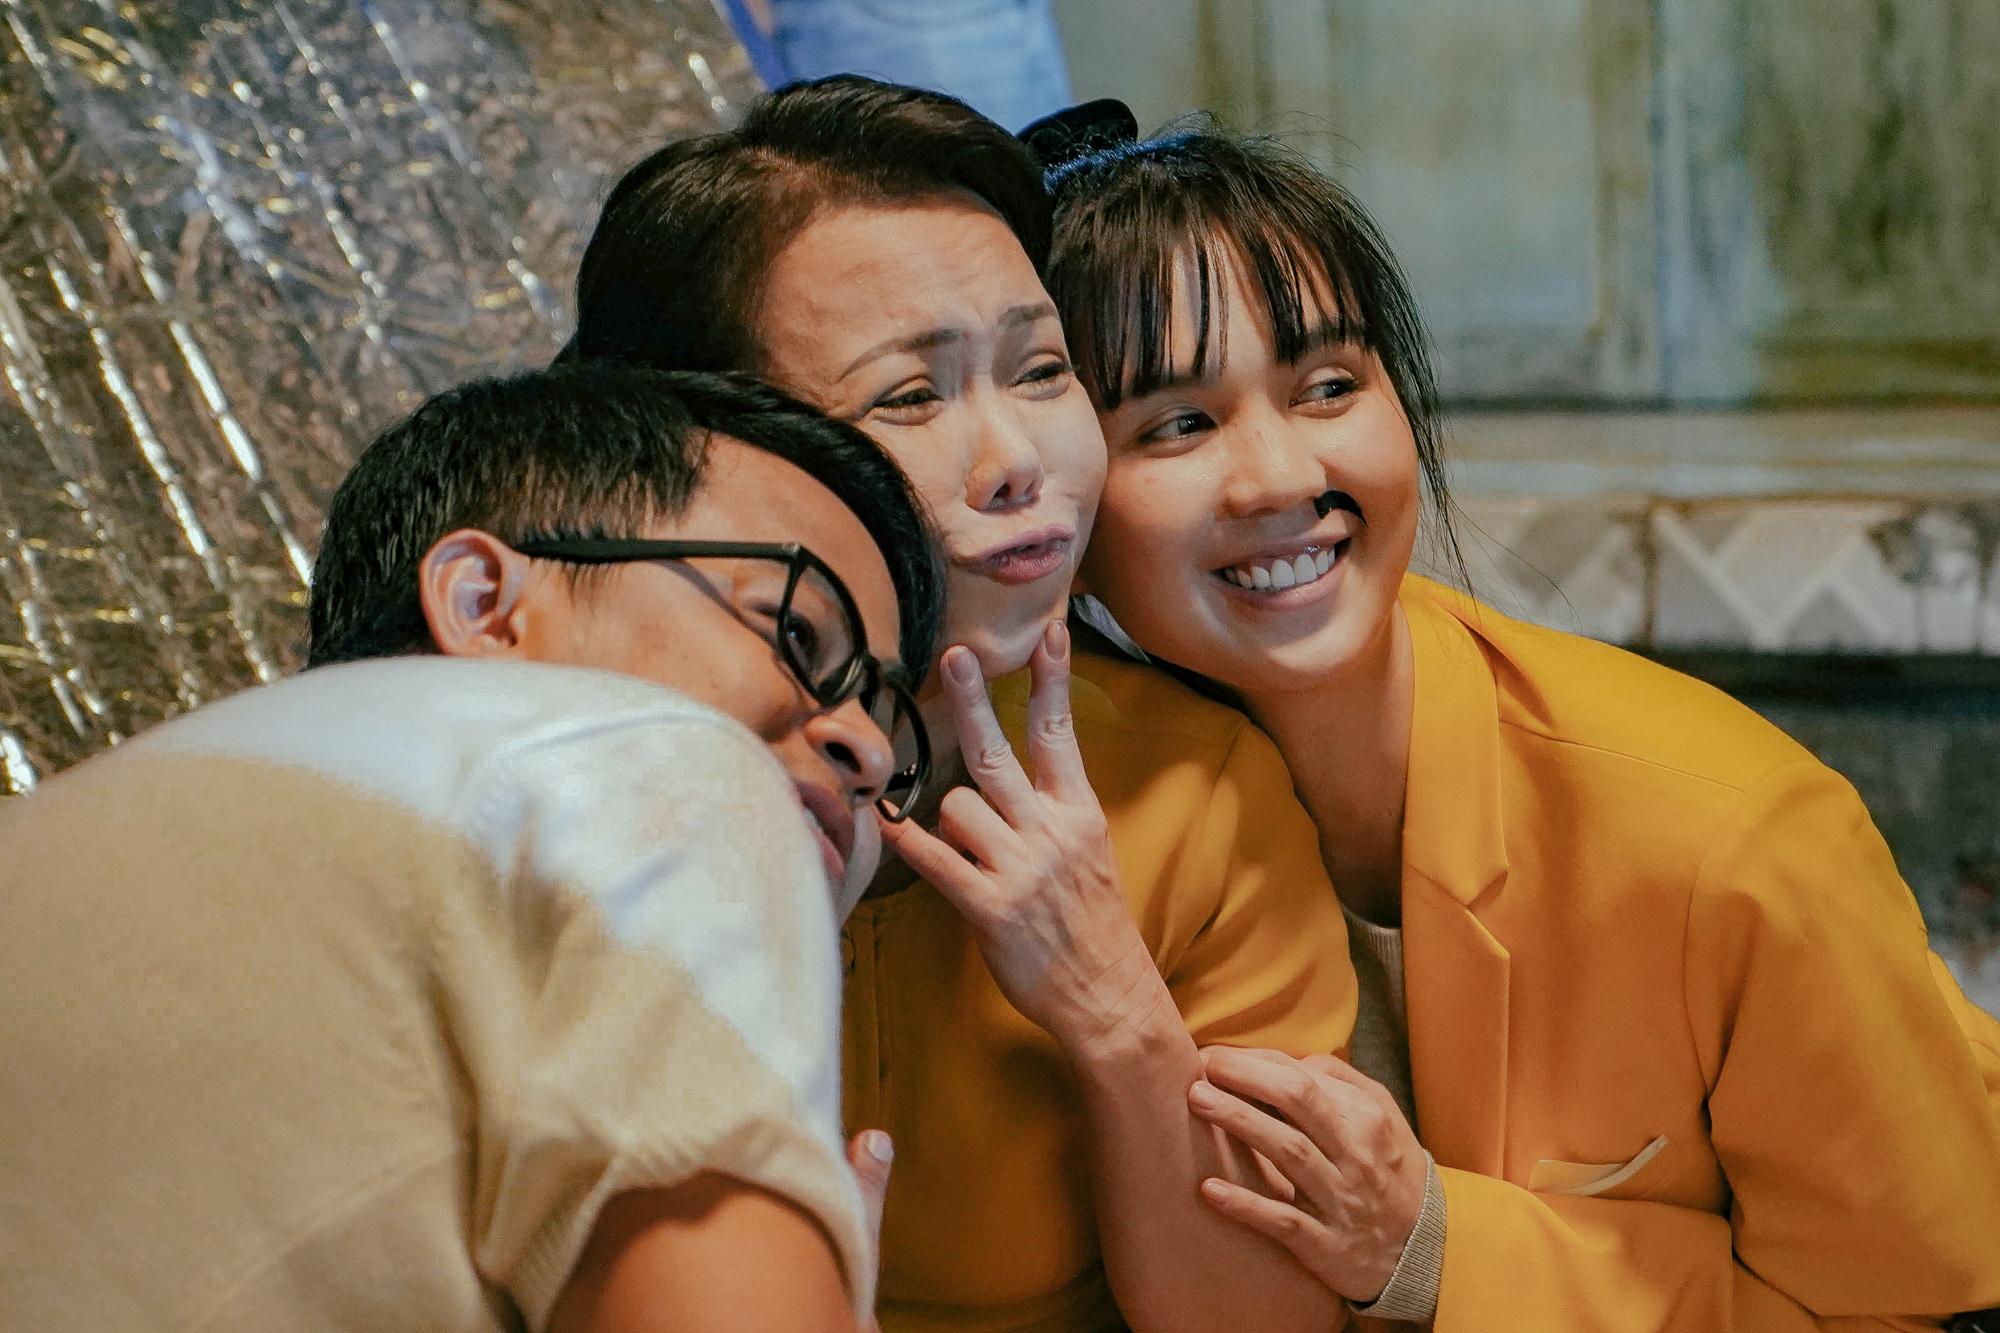 Ngoài Ngọc Trinh và Diệu Nhi, Việt Hương thành 'gái ế' nhiều tuổi trong 'Vu quy đại náo' 1